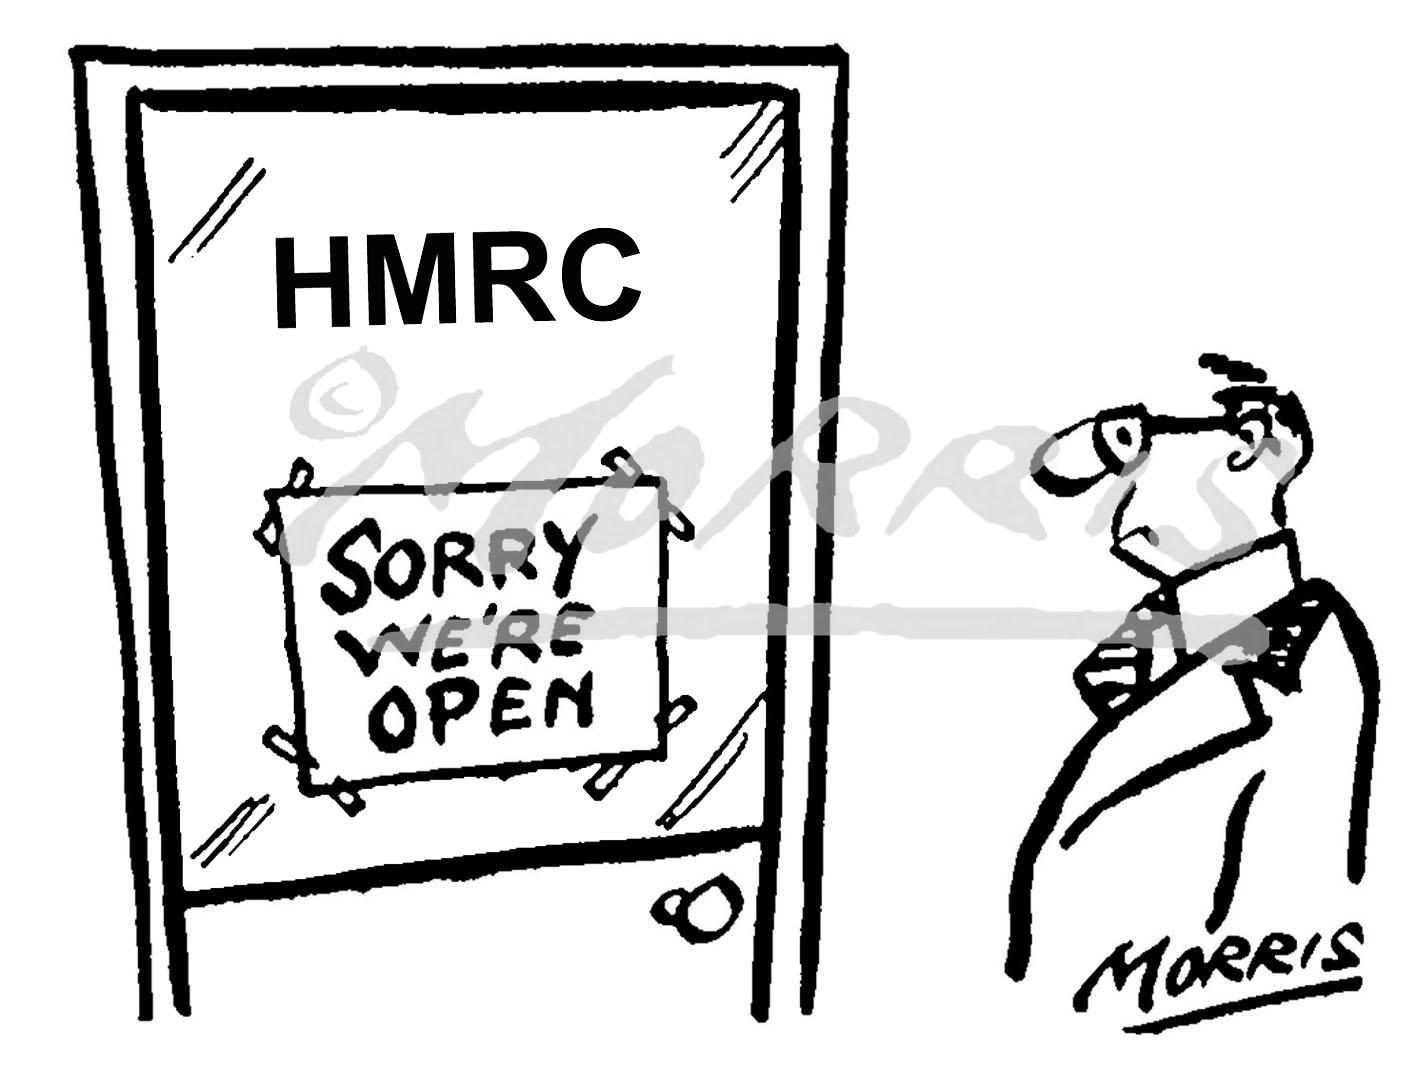 HMRC comic cartoon – Ref: 0426bw